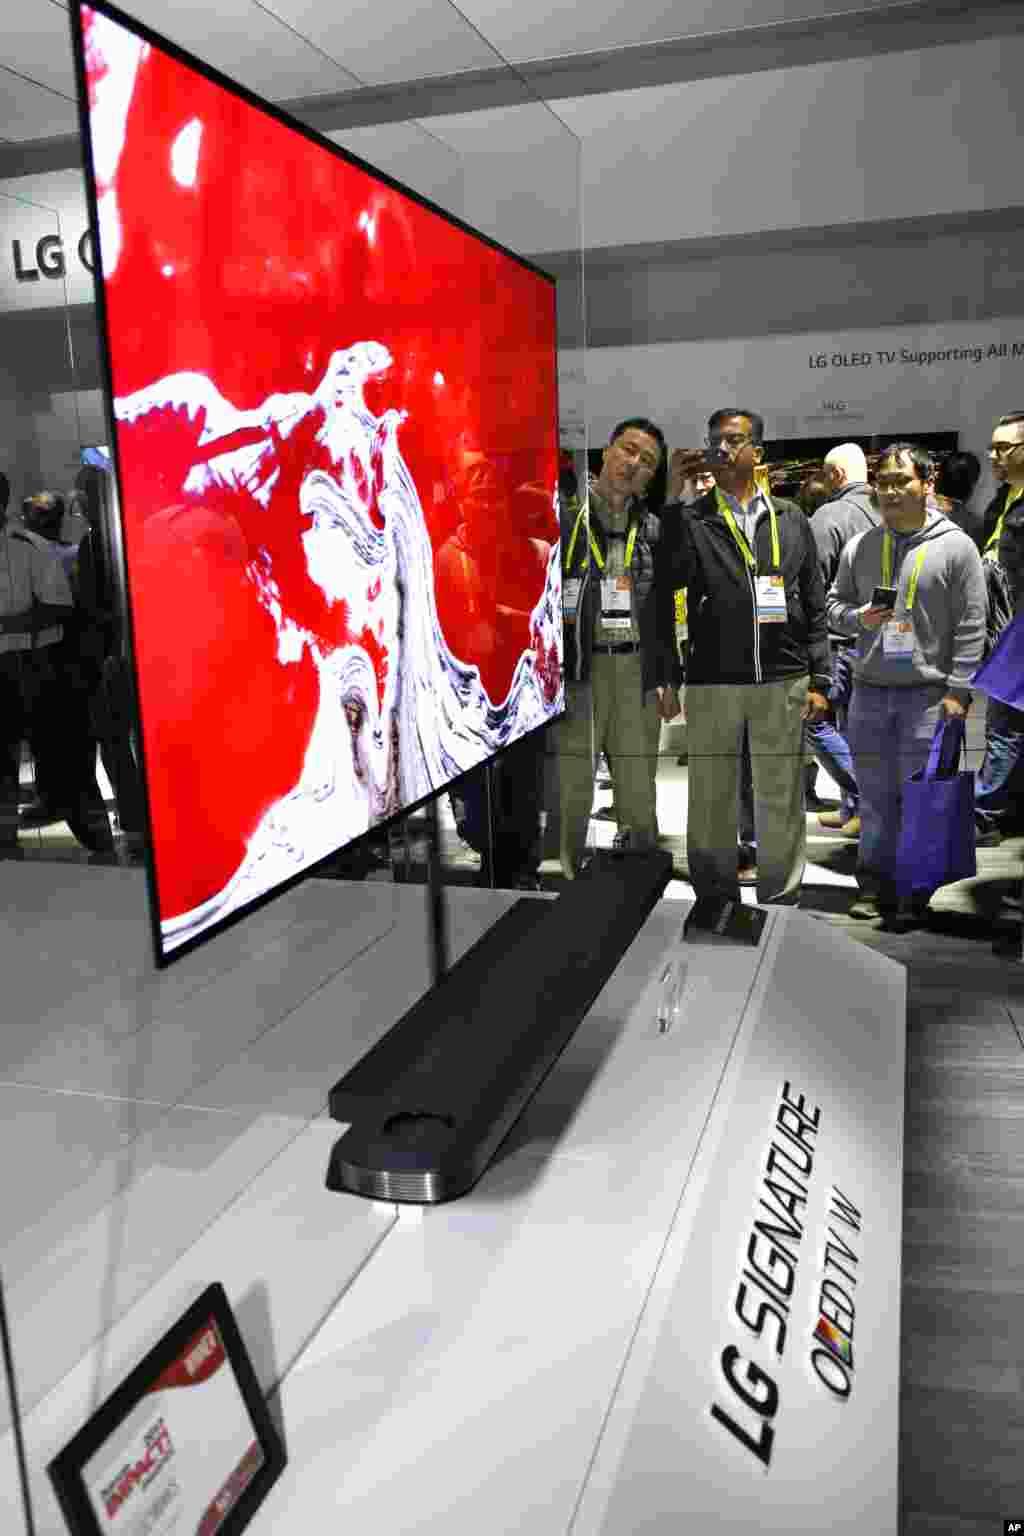 نمایشگاه محصولات الکترونیکی CES تلویزیون ال جی امسال هم در این نمایشگاه، یک برگ برنده رو کرد. تلویزیون OLED از چند ماه دیگر این تلویزیون به بازار عرضه می شود.